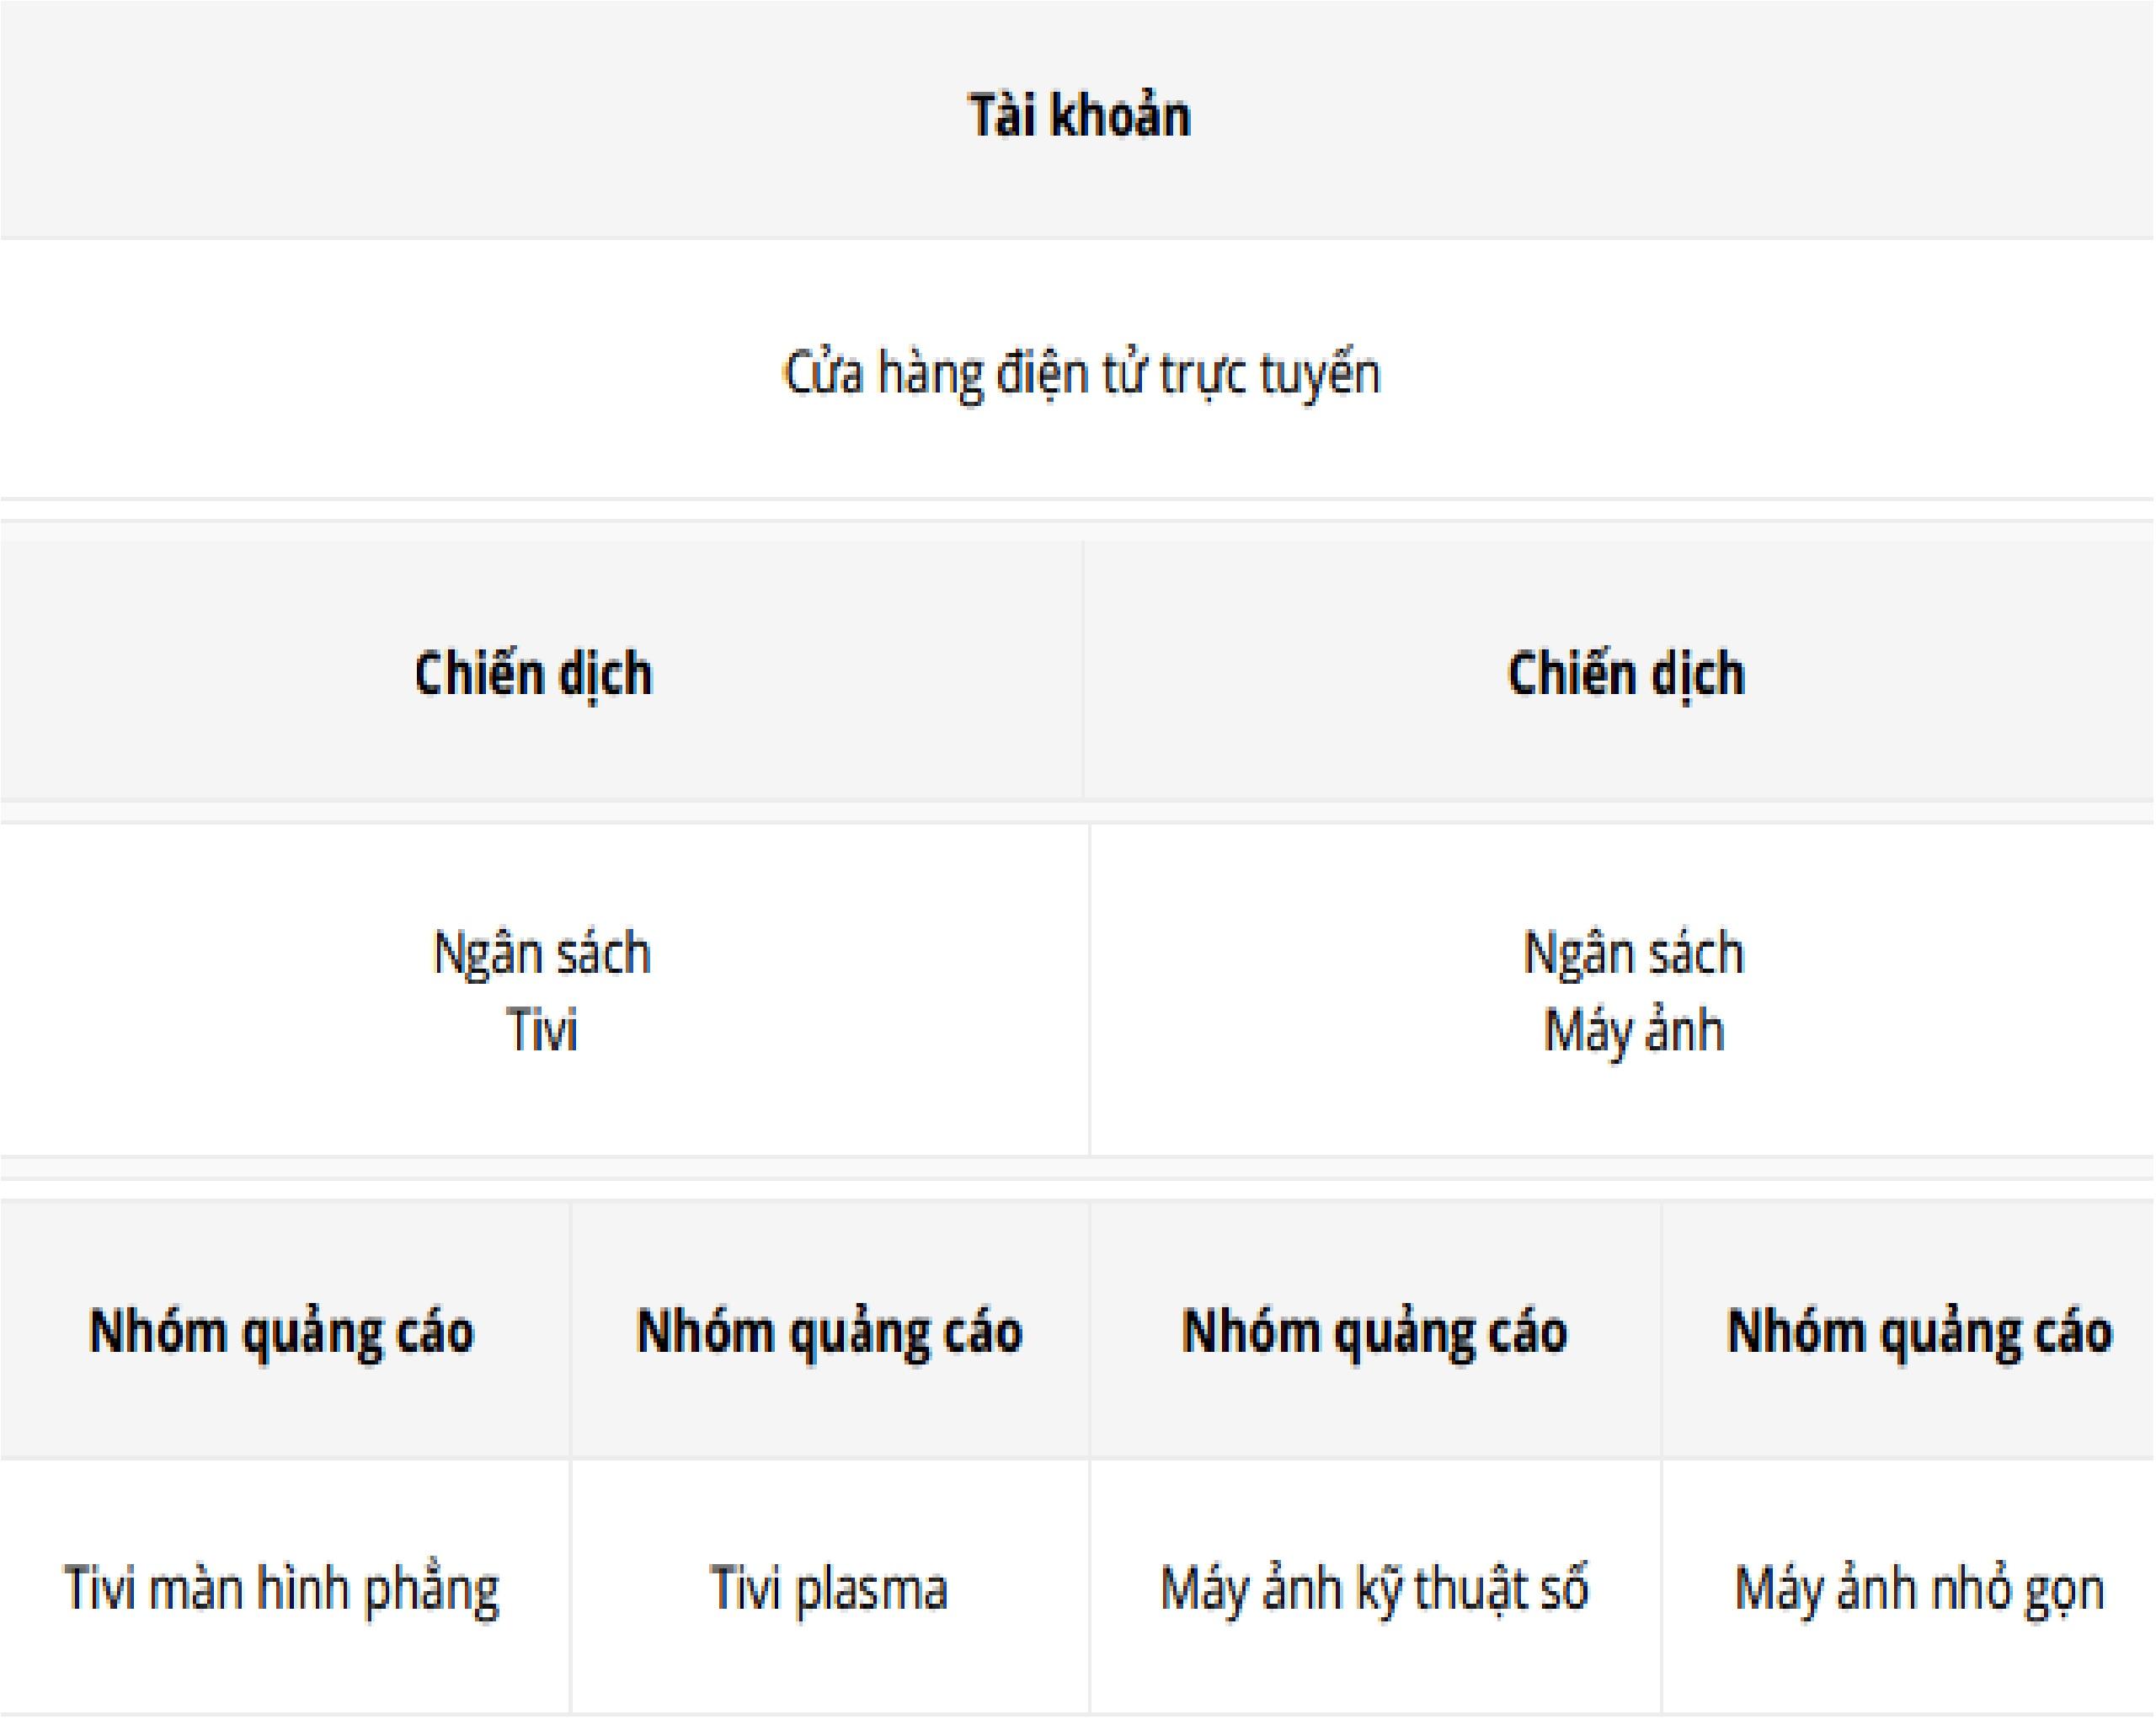 Quản lý chiến dịch và nhóm quảng cáo trong Google Adwords